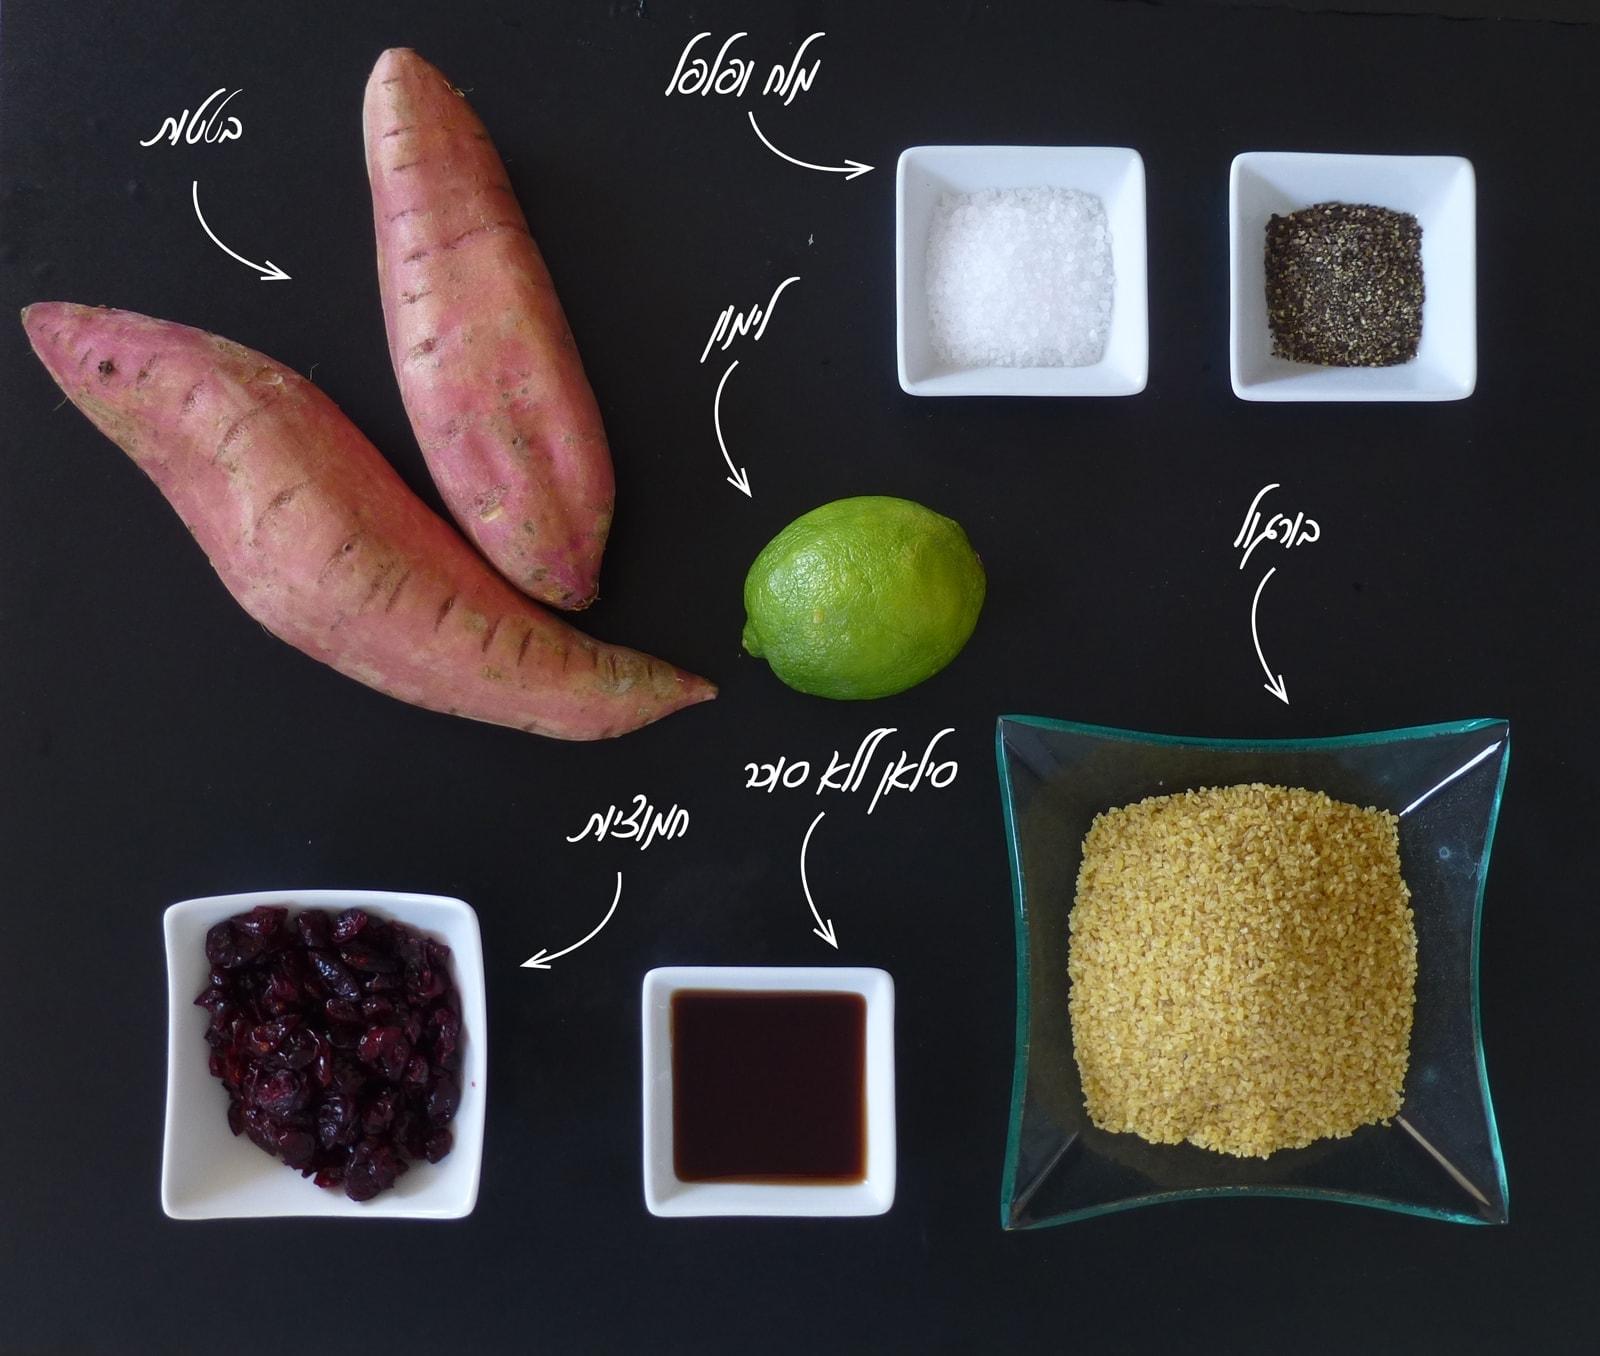 סלט בורגול קיצי עם בטטות צלויות וחמוציות - המרכיבים